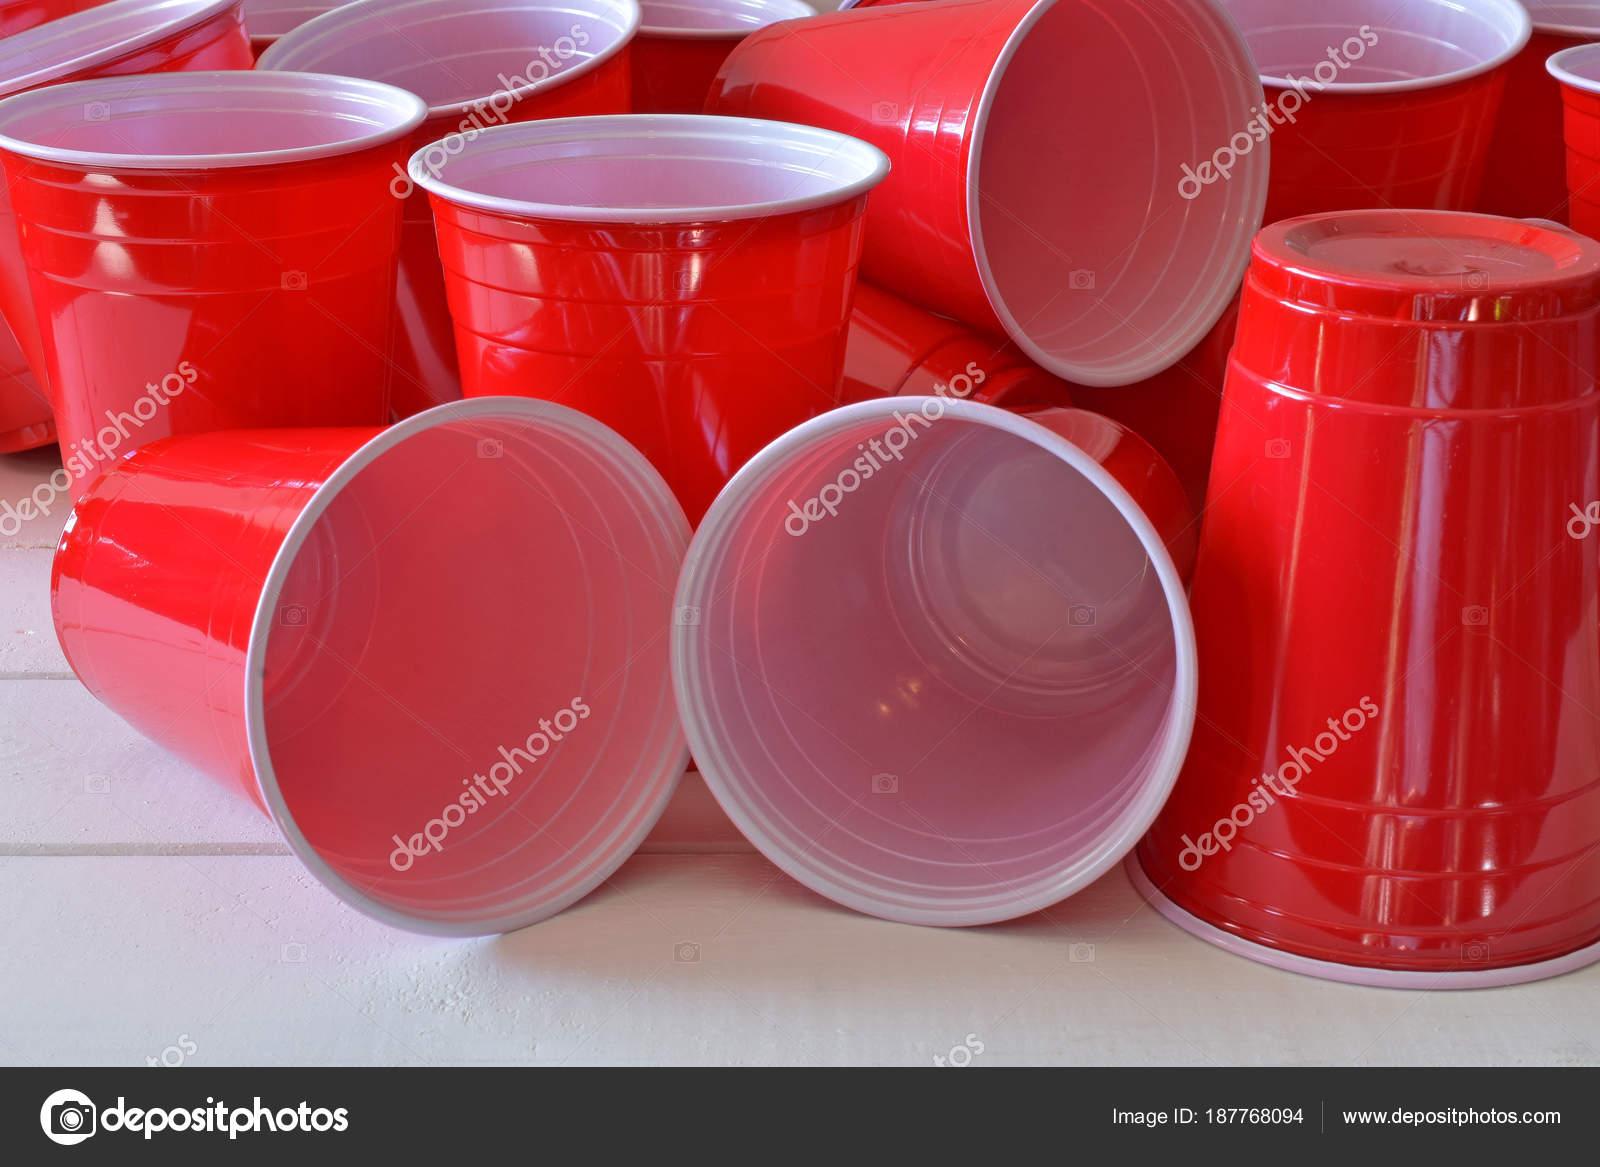 Piano Per Tavolo Plastica.Primo Piano Immagine Plastica Rossa Bicchieri Tavolo Picnic Bianco